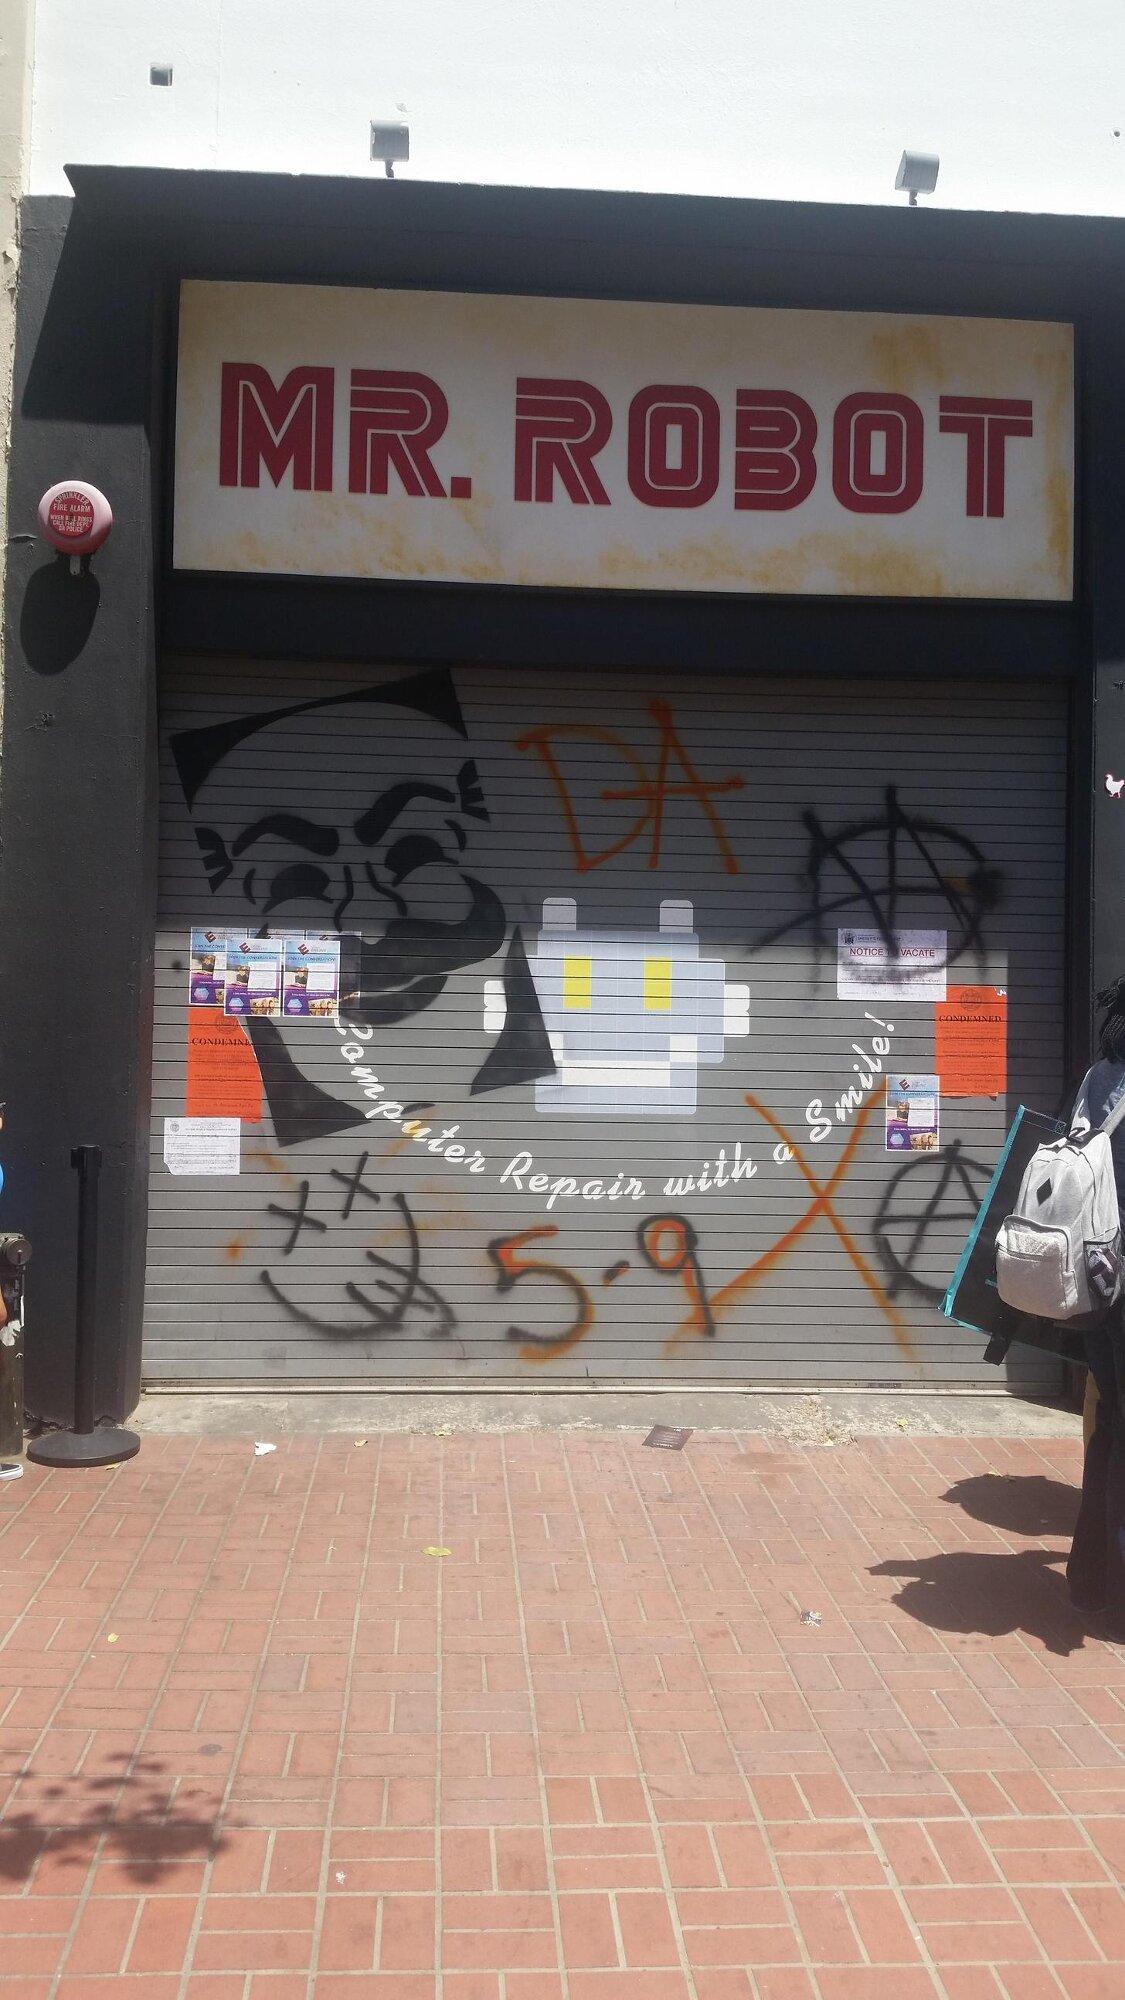 Закрытый магазин Mr. Robot, который встречался по пути